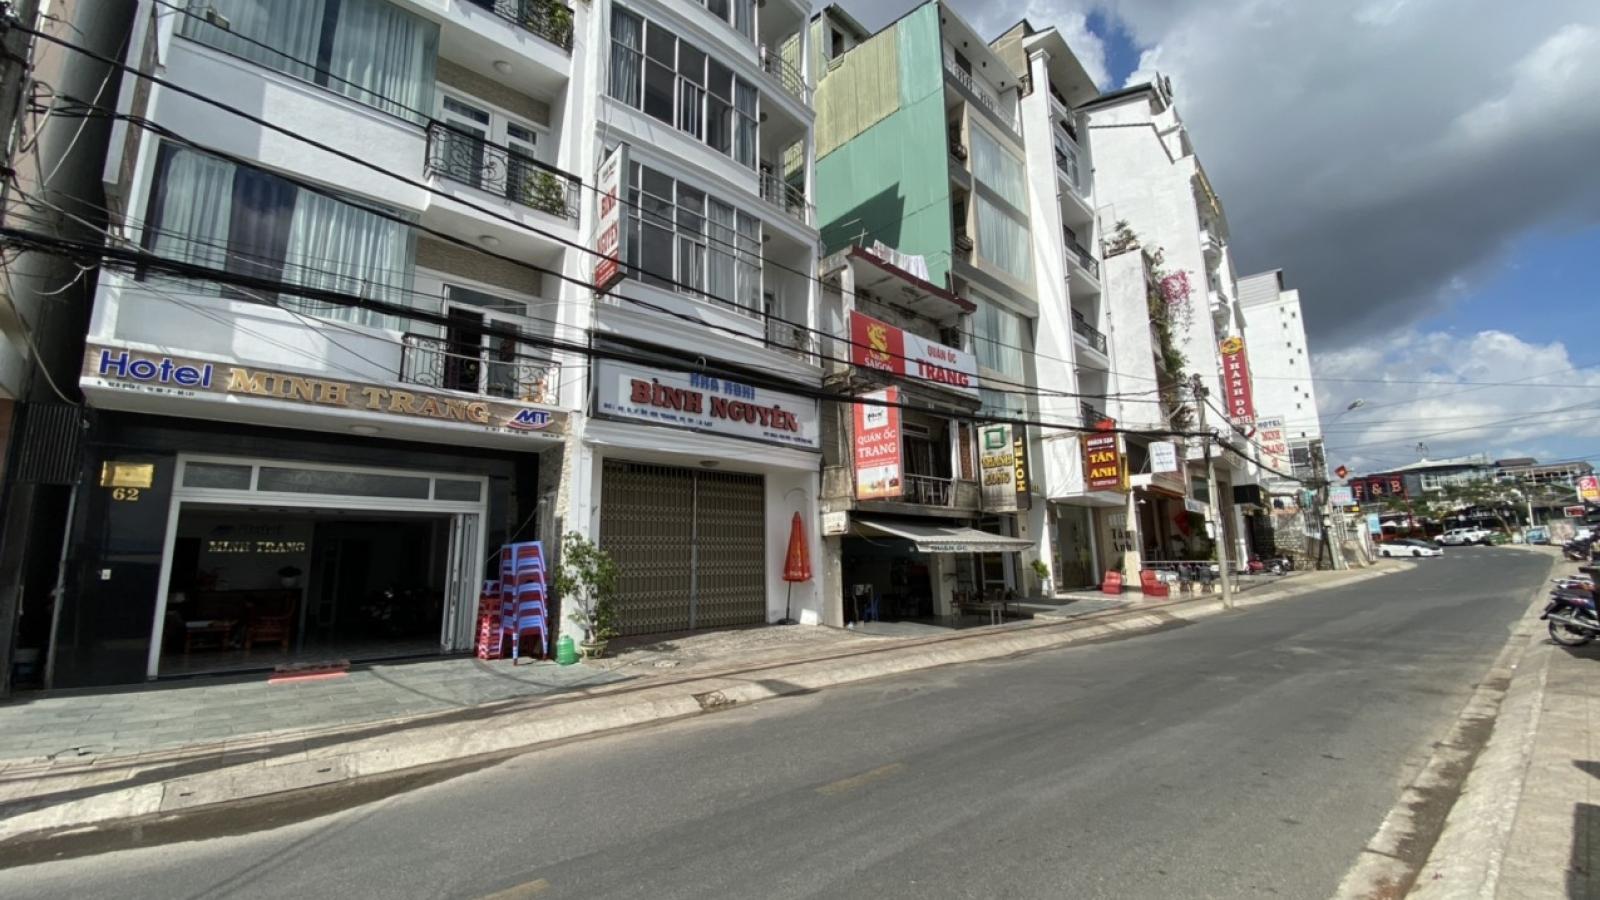 Đà Lạt dự báo lượng khách du lịch giảm trong dịp Tết Nguyên đán